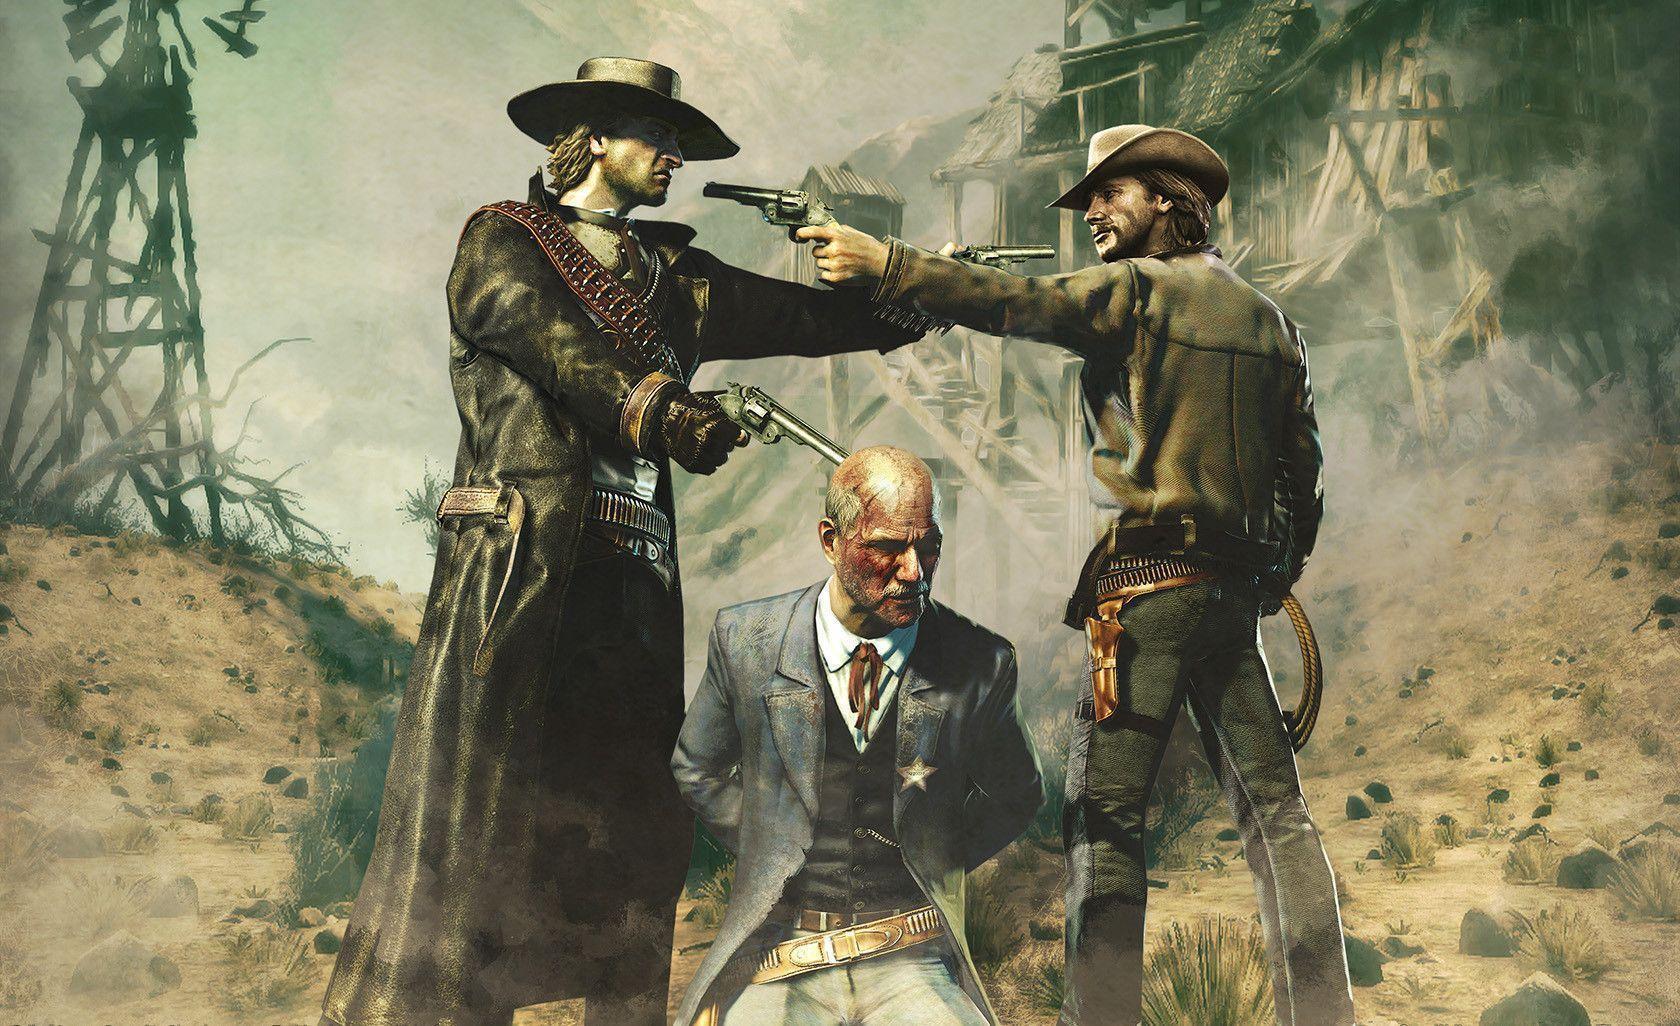 wild west wallpaper - photo #36